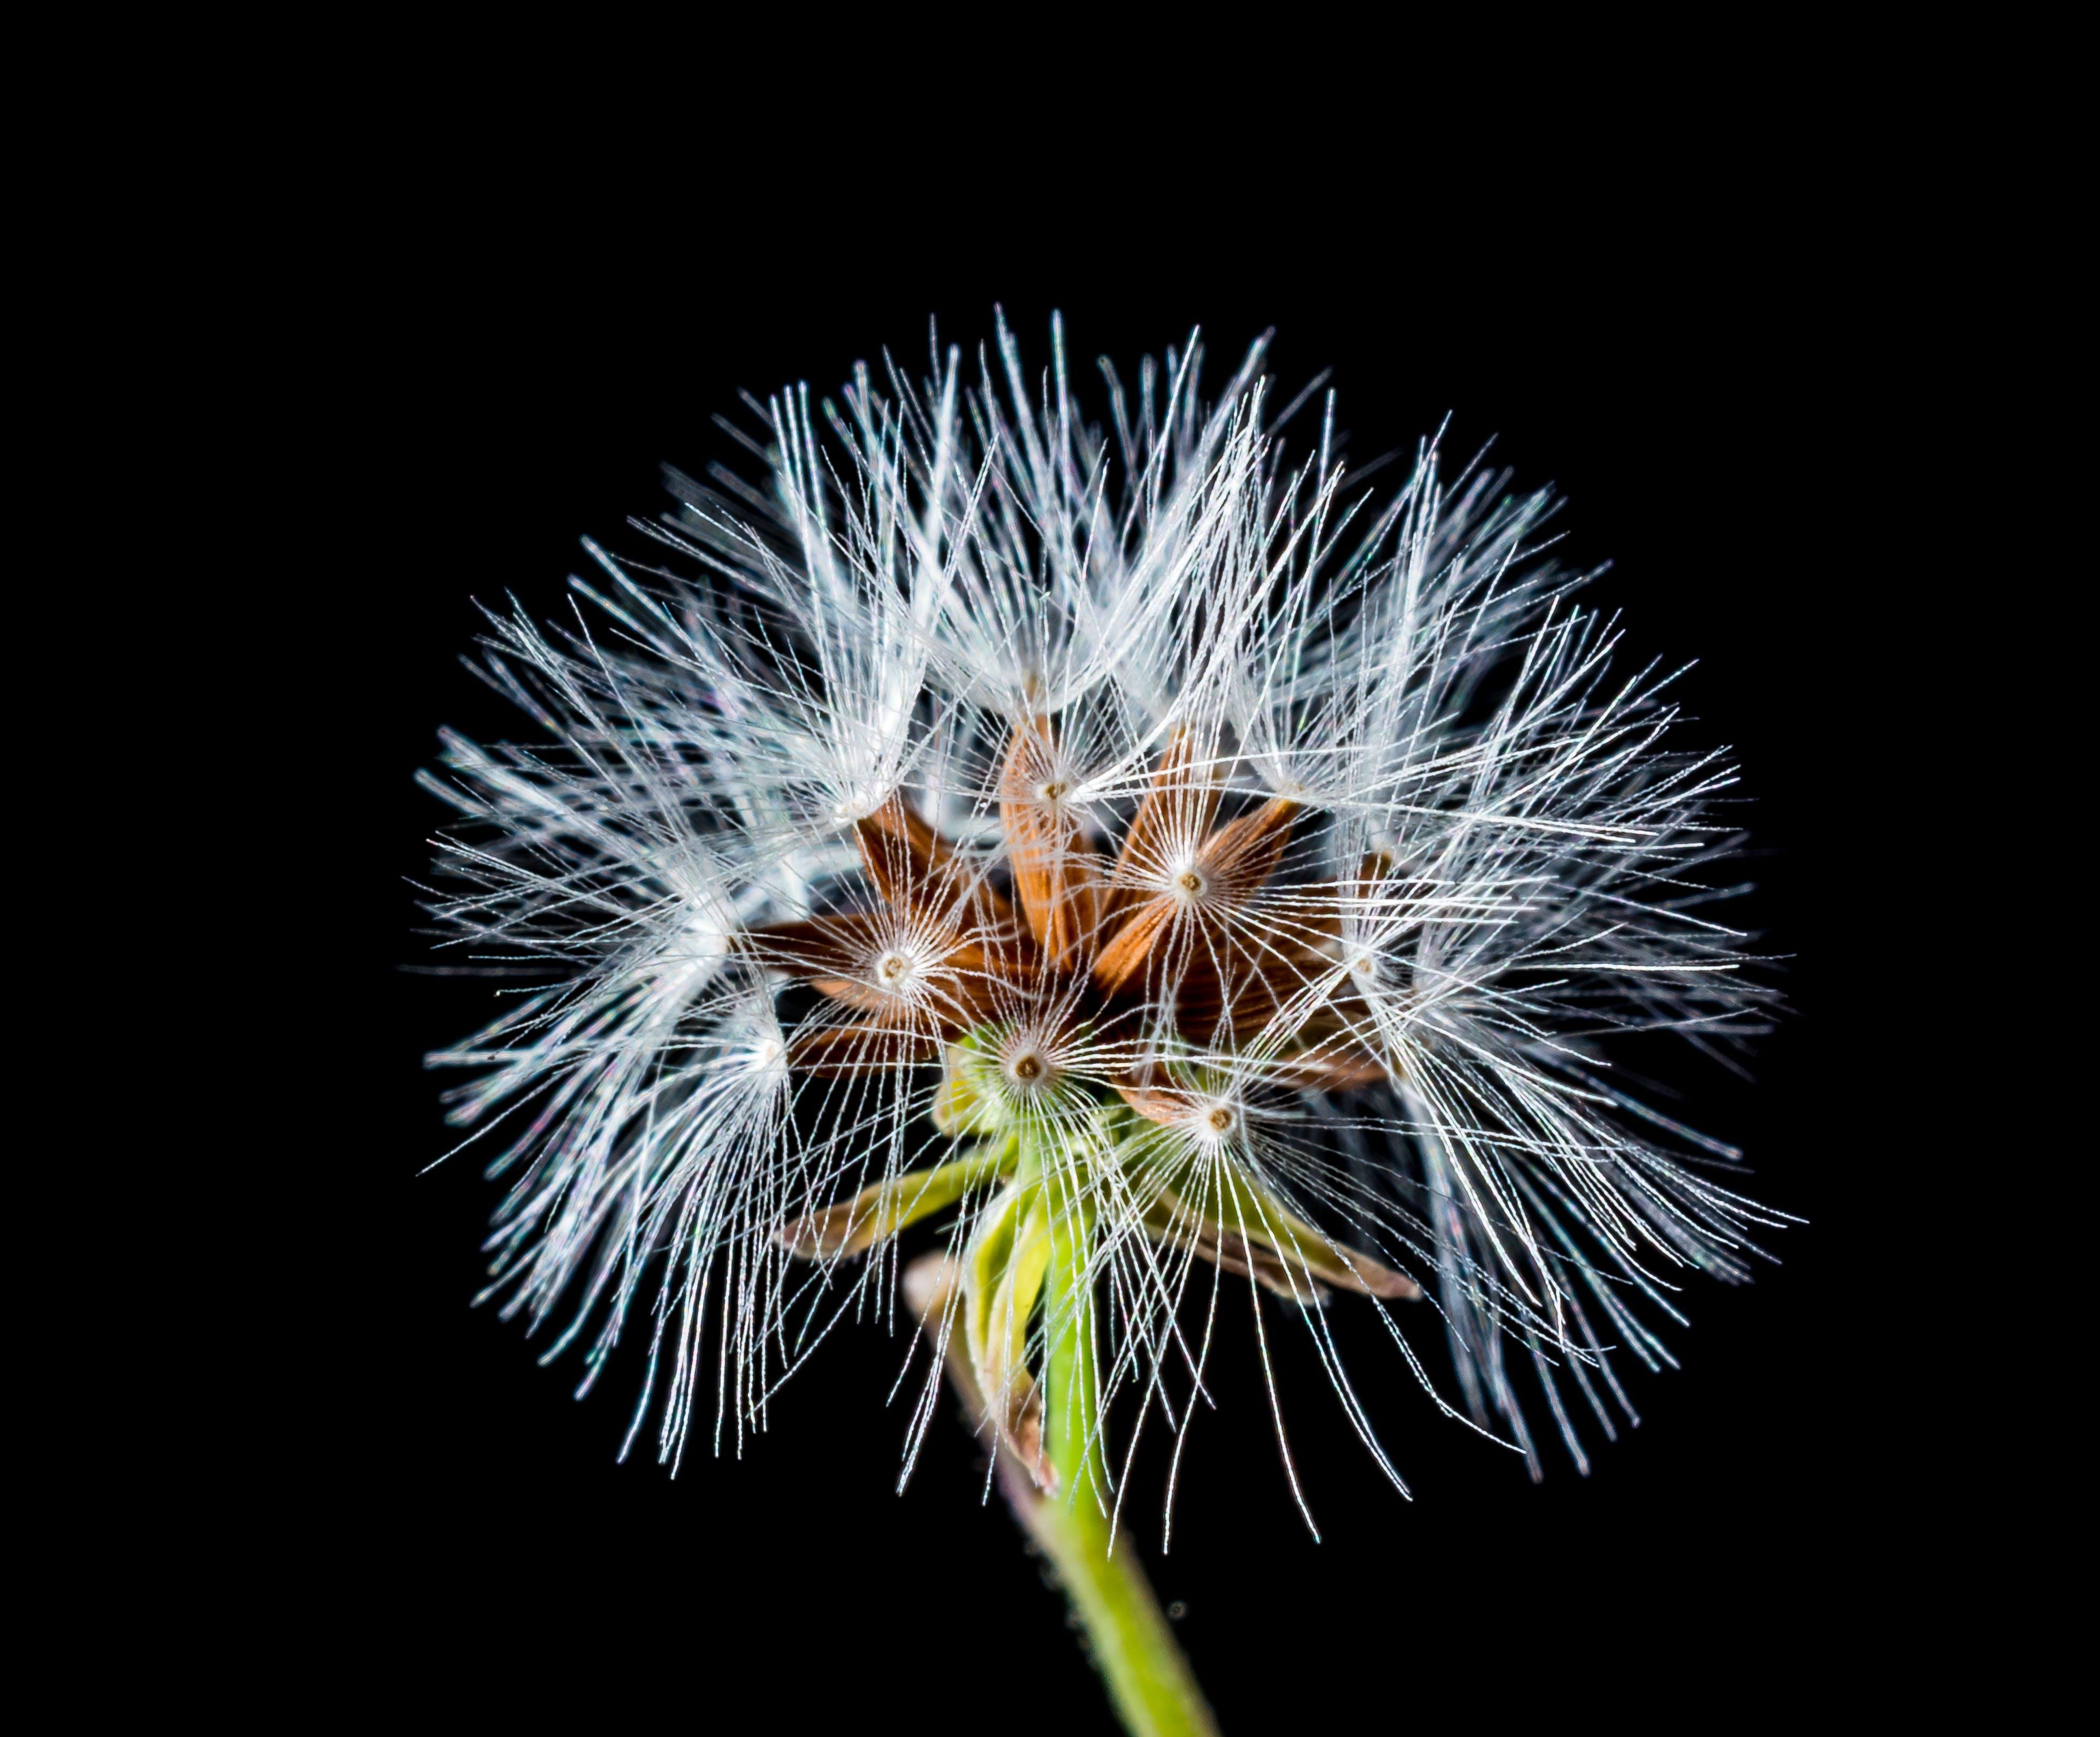 Kostenloses Stock Foto zu löwenzahn, makro, pflanze